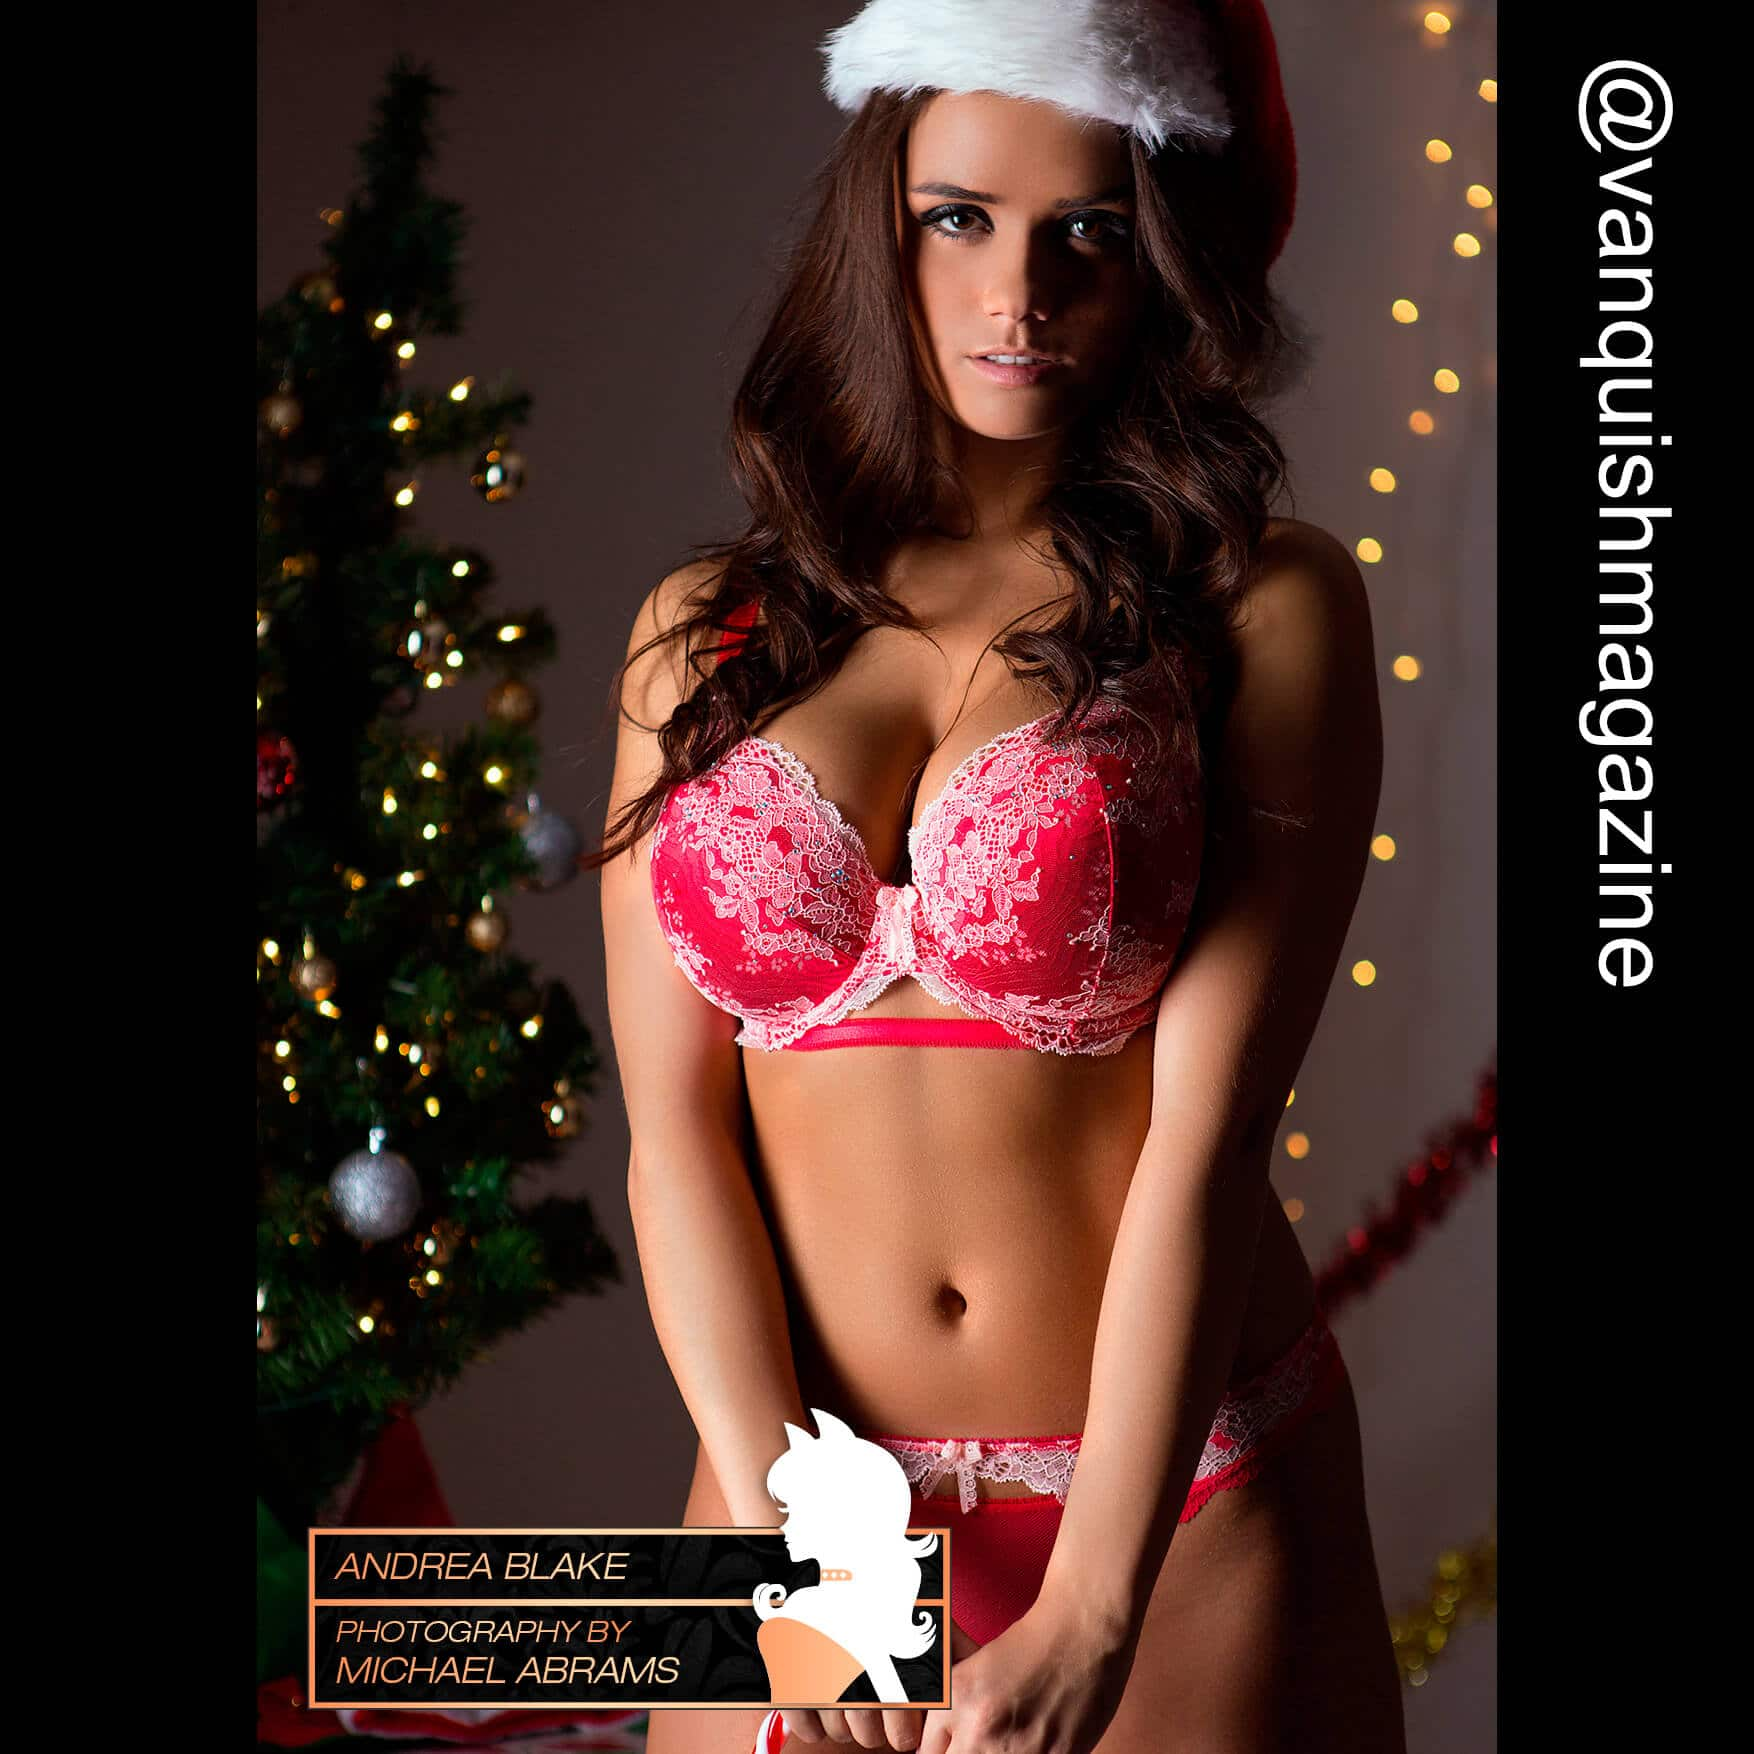 Vanquish Magazine | Christmas 2015 – Andrea Blake: www.vanquishmagazine.com/gallery/christmas-2015-andrea-blake